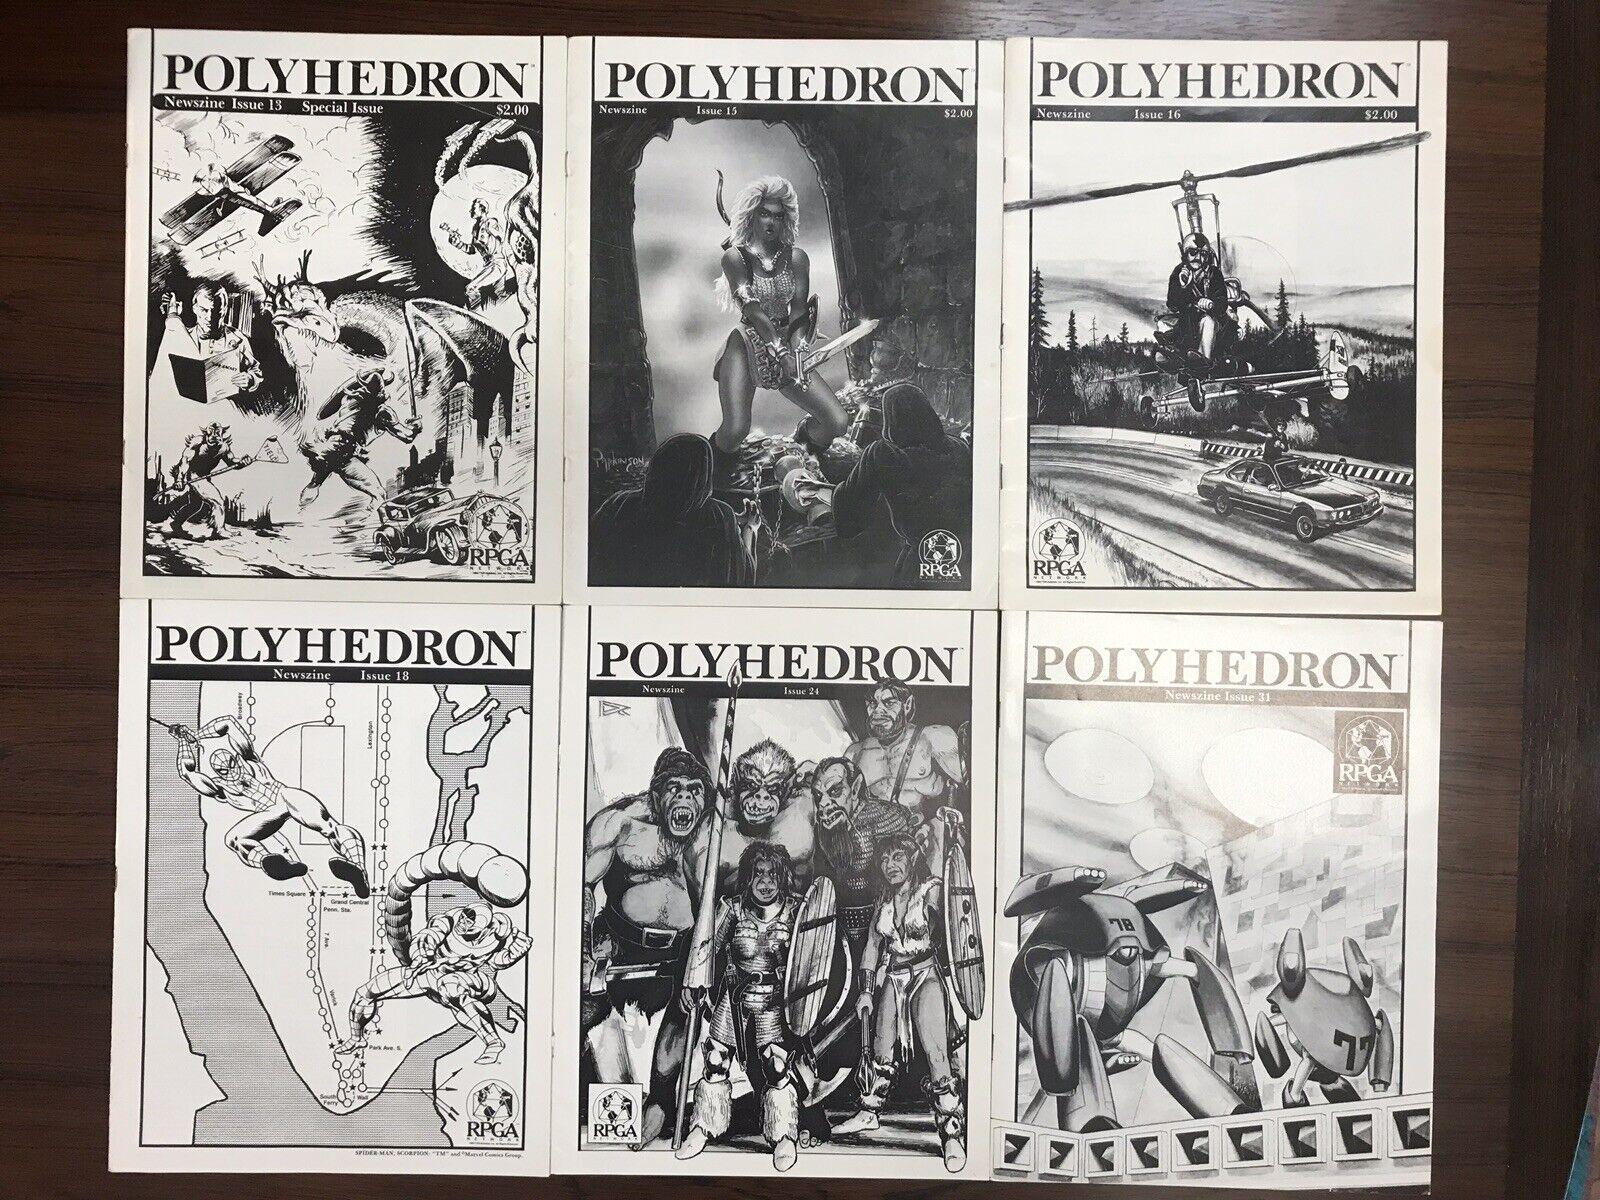 massa av sex Polyhedron magazines RPGA 13 15 18 24 31 D&D roll spelar Marvel